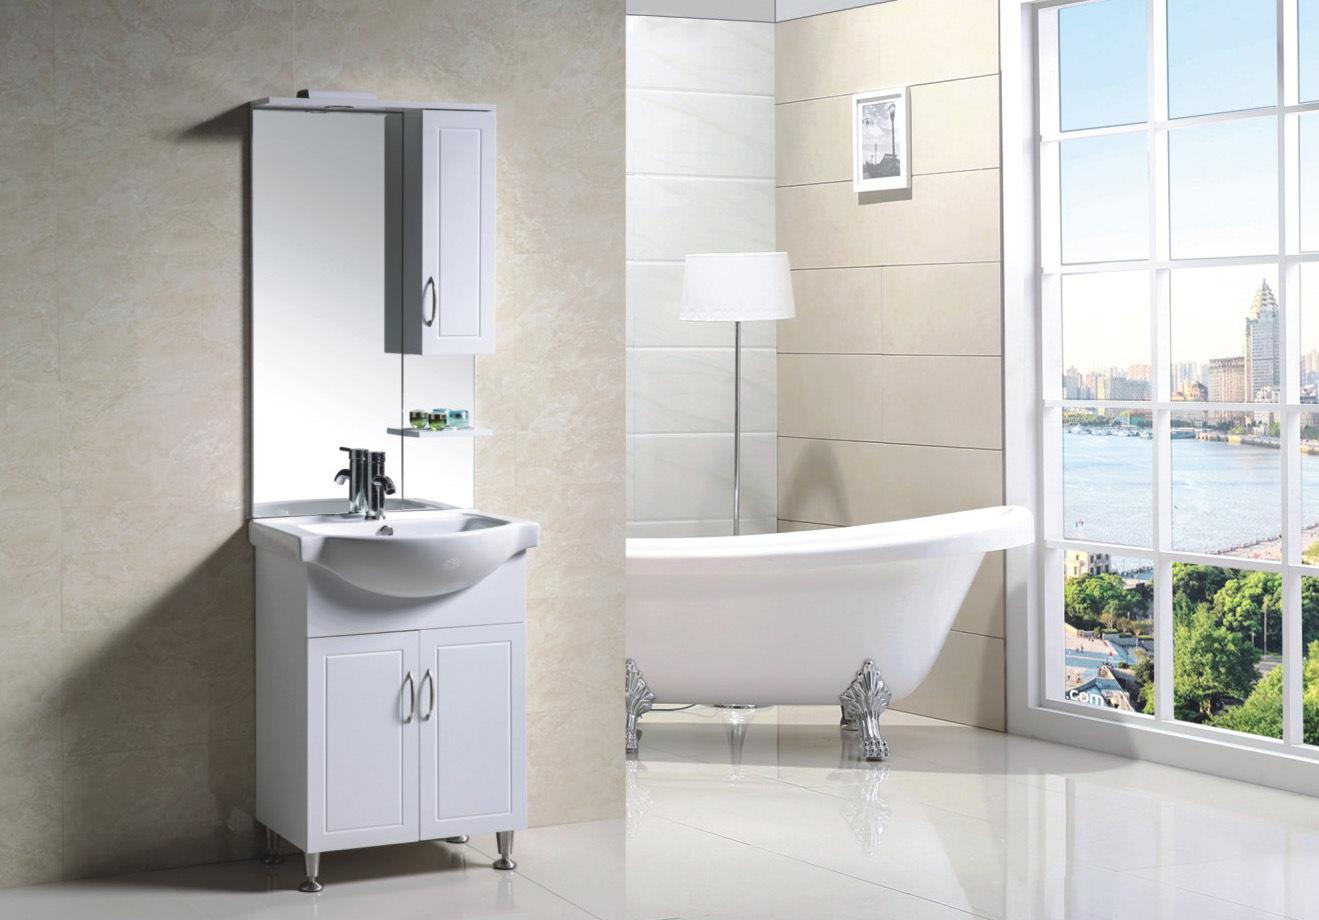 Foto de cabina reflejada cuarto de ba o de los muebles del - Cabina de bano ...